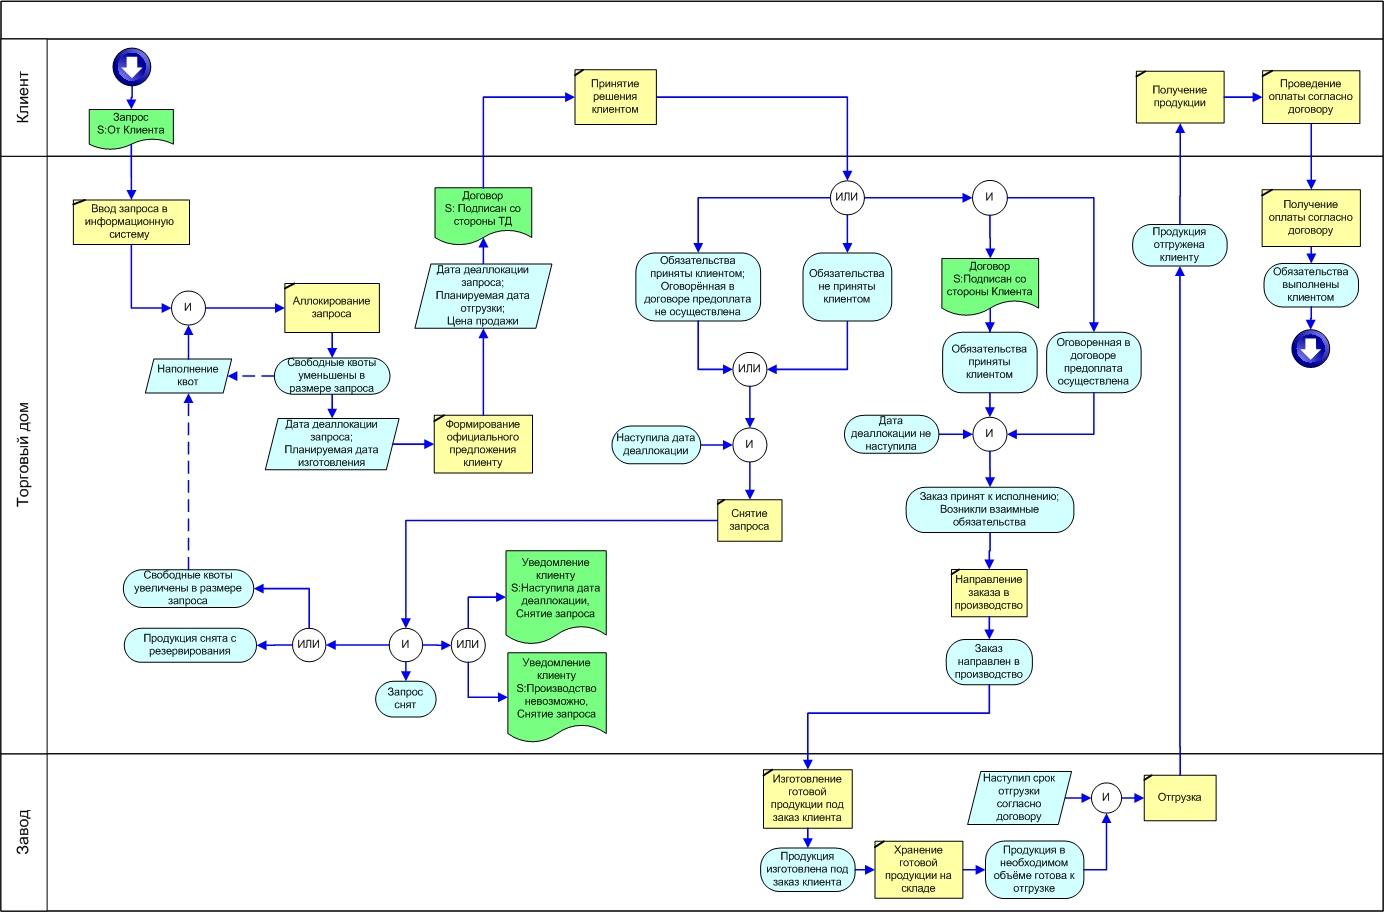 Модель построения системы бизнес-процессов предприятия